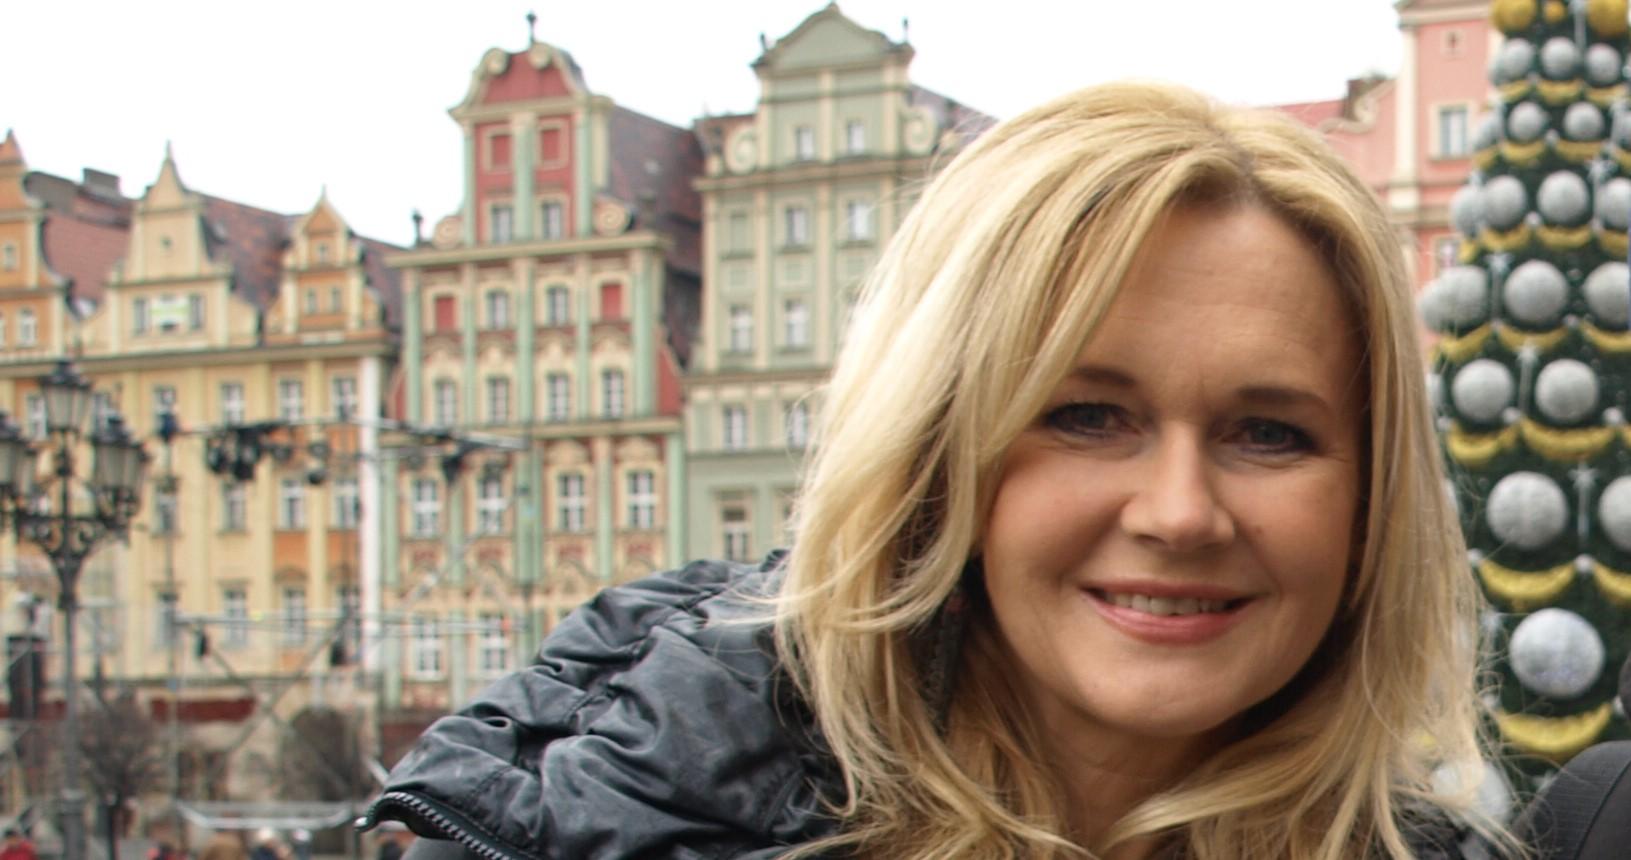 Zapierające dech zdjęcie młodziutkiej Grażyny Torbickiej. Najpiękniejsza kobieta w polskiej telewizji